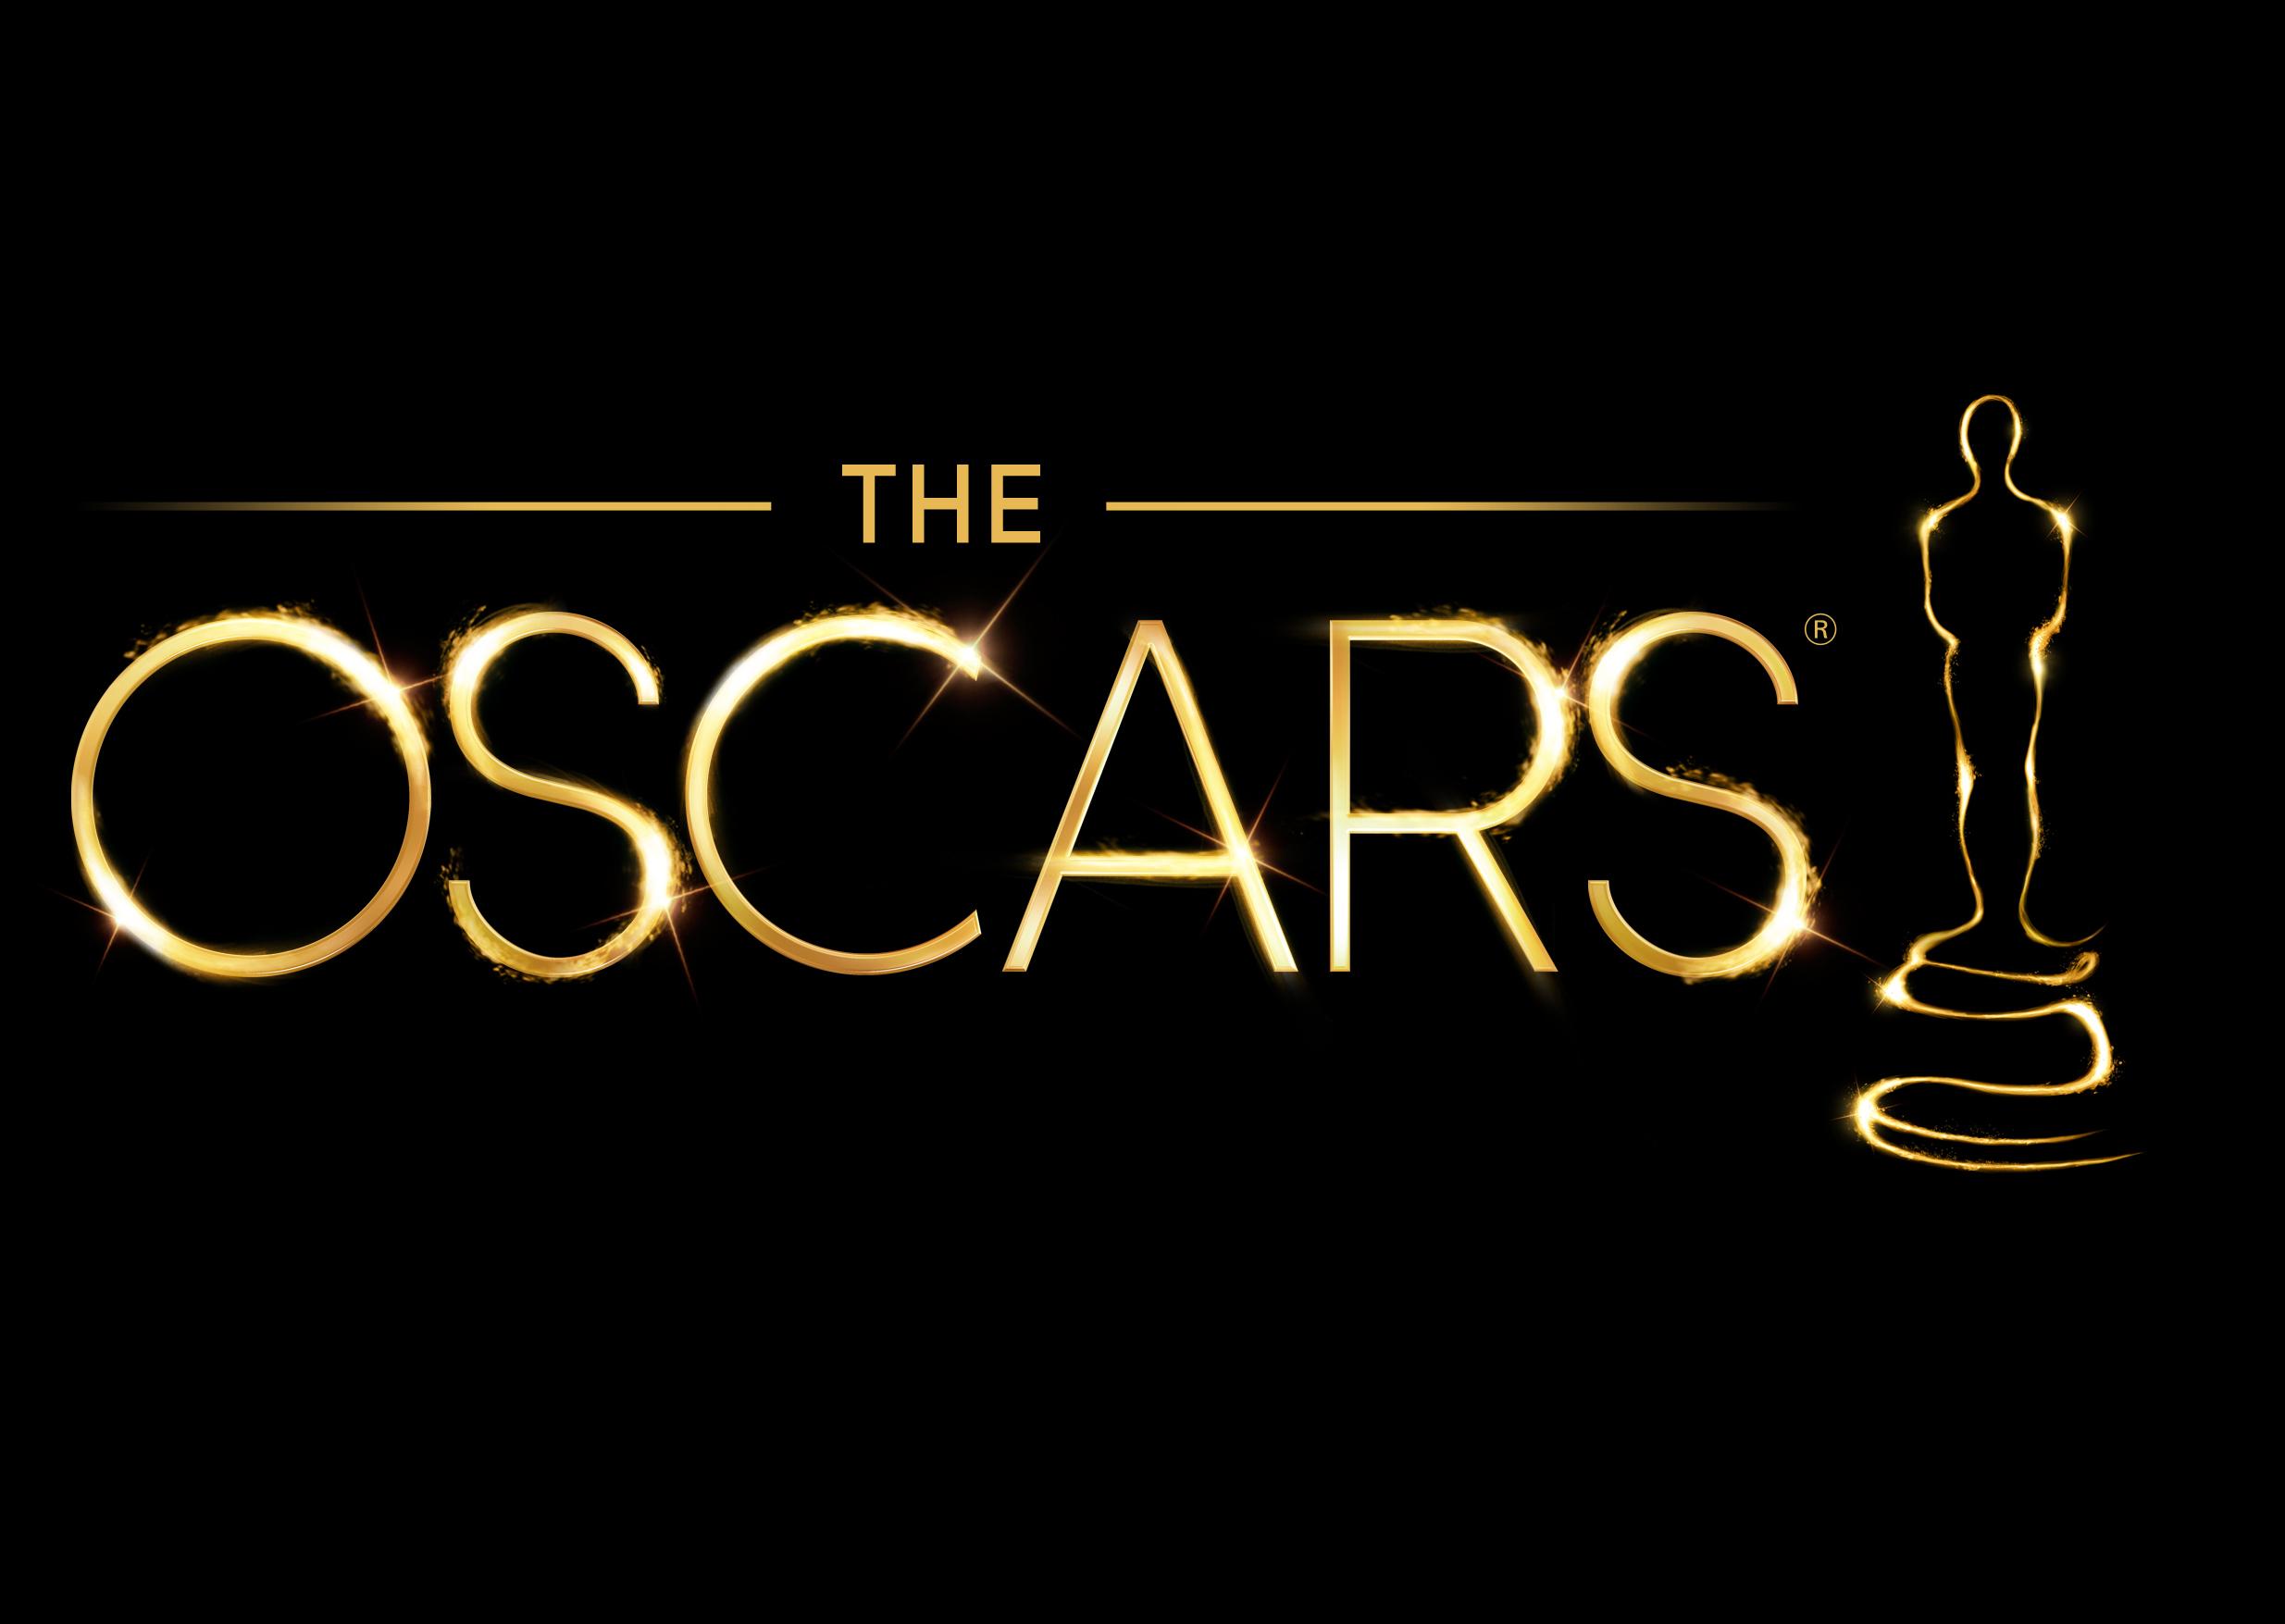 The 85th Academy Awards� will air live on Oscar� Sunday, February 24, 2013.